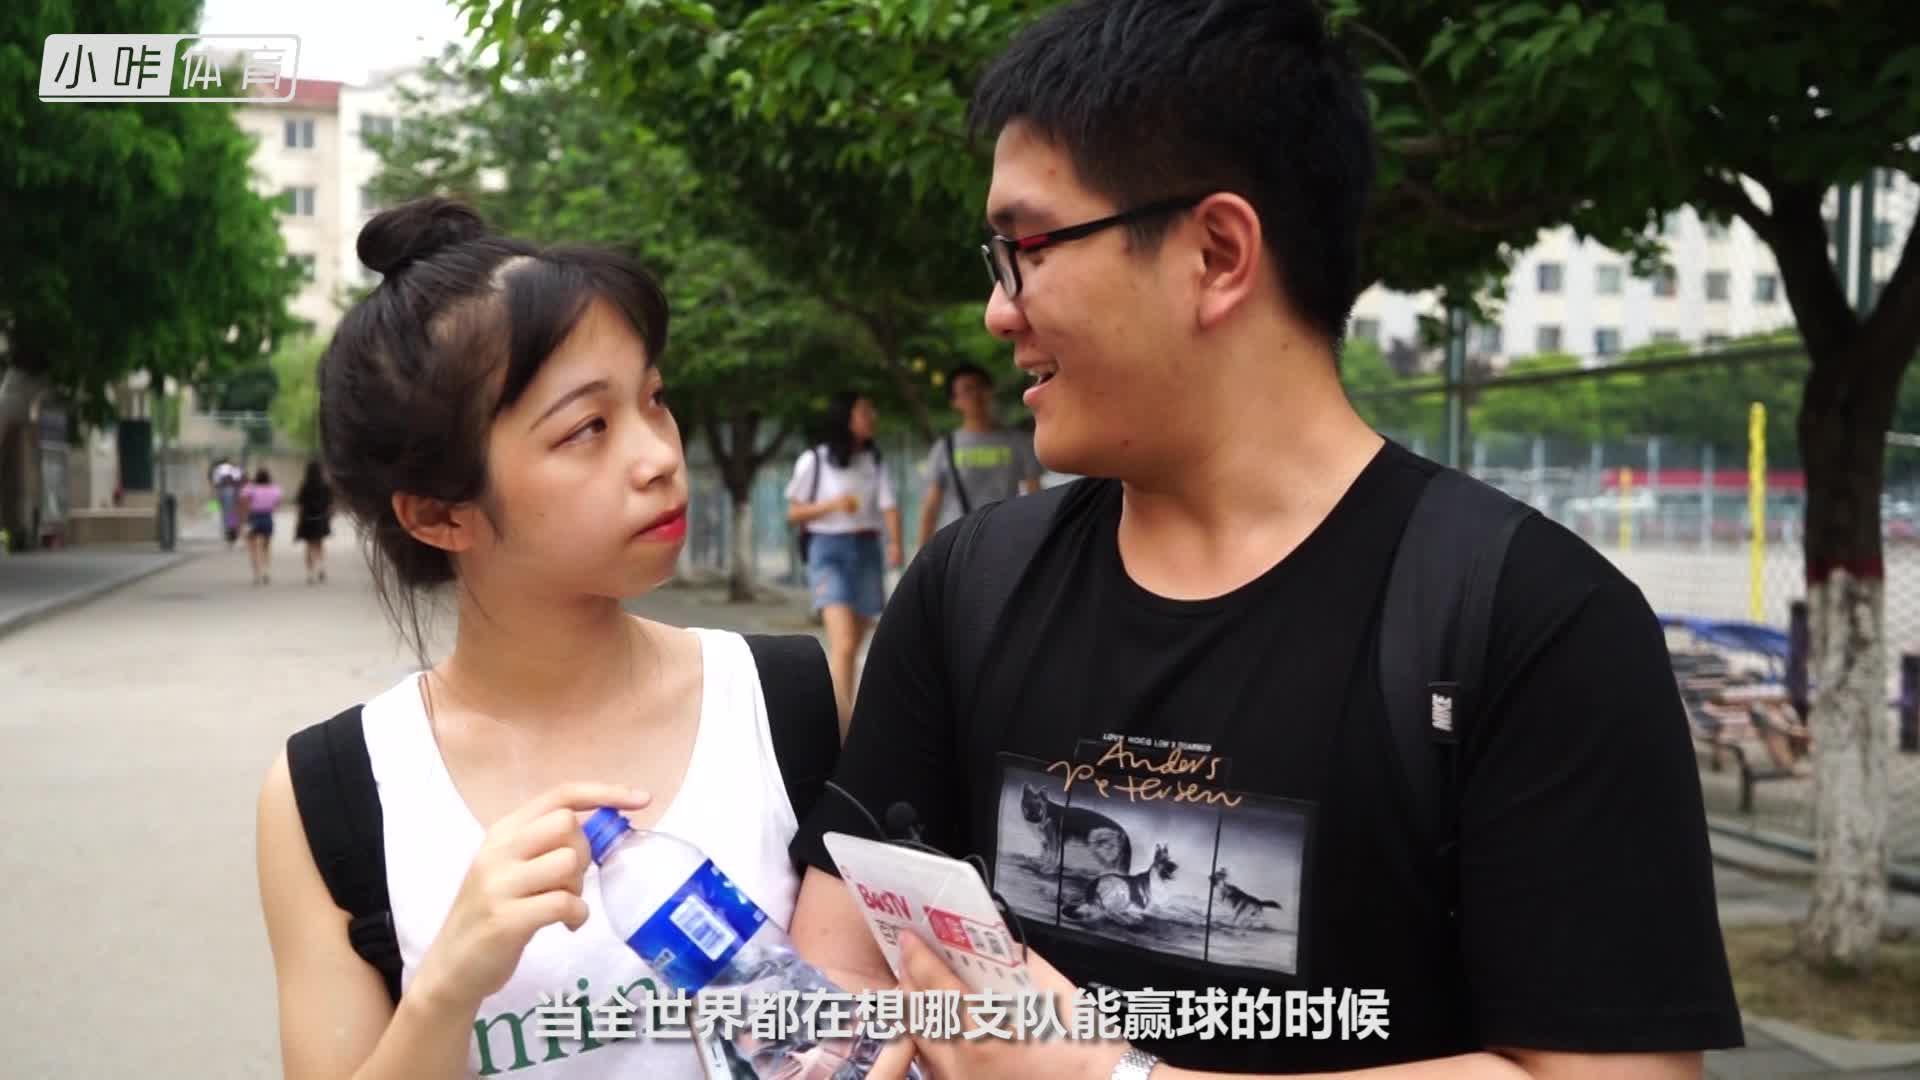 街采:女朋友不让看世界杯怎么办?